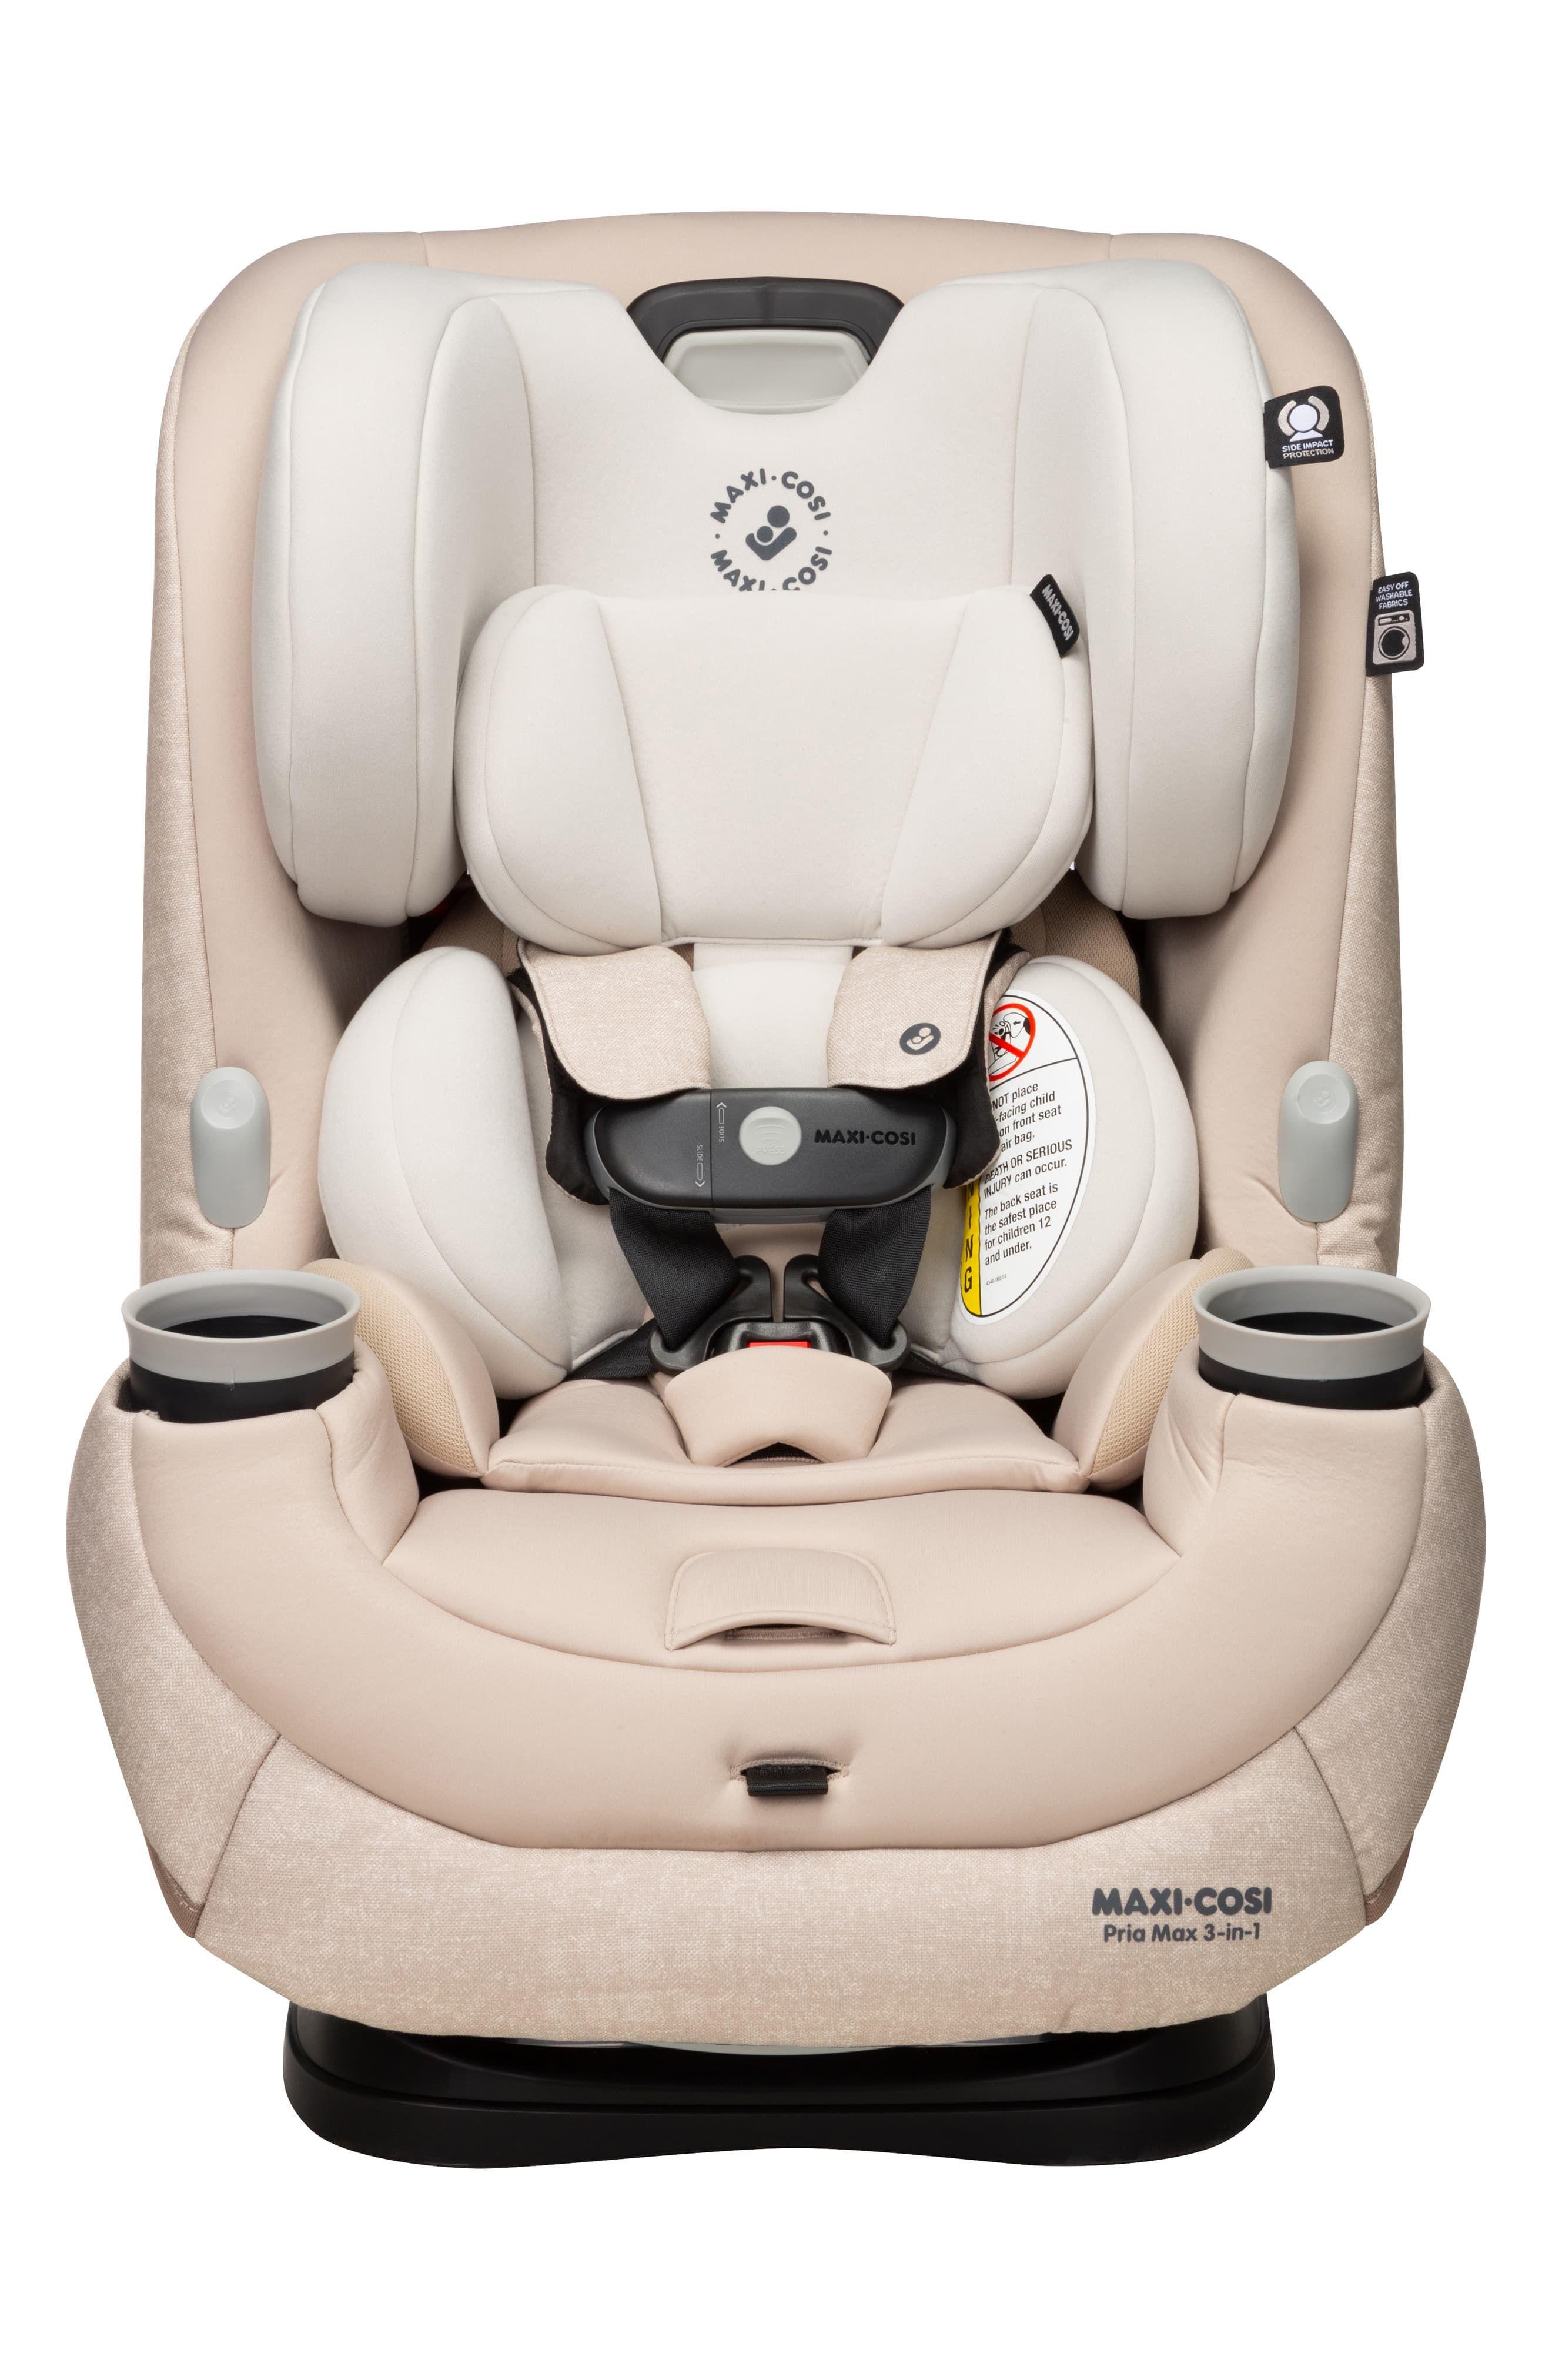 1a4c5e992d4640f9ef5855b8bc585e5b - How To Get Cover Off Maxi Cosi Car Seat